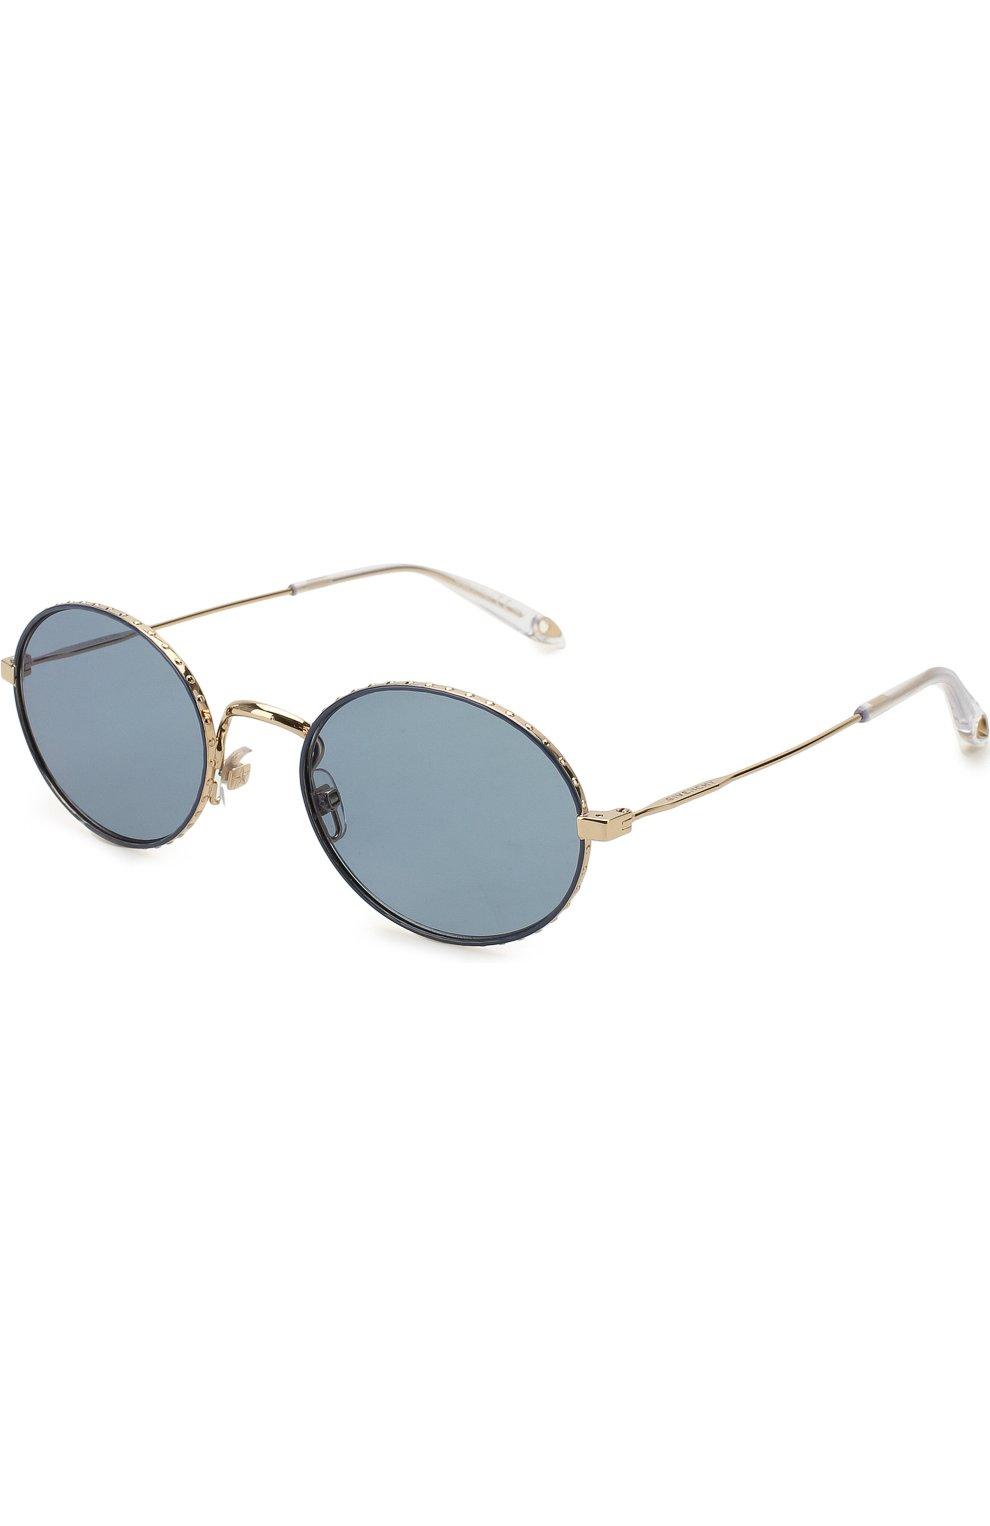 Женские солнцезащитные очки GIVENCHY серебряного цвета, арт. 7090 LKS | Фото 1